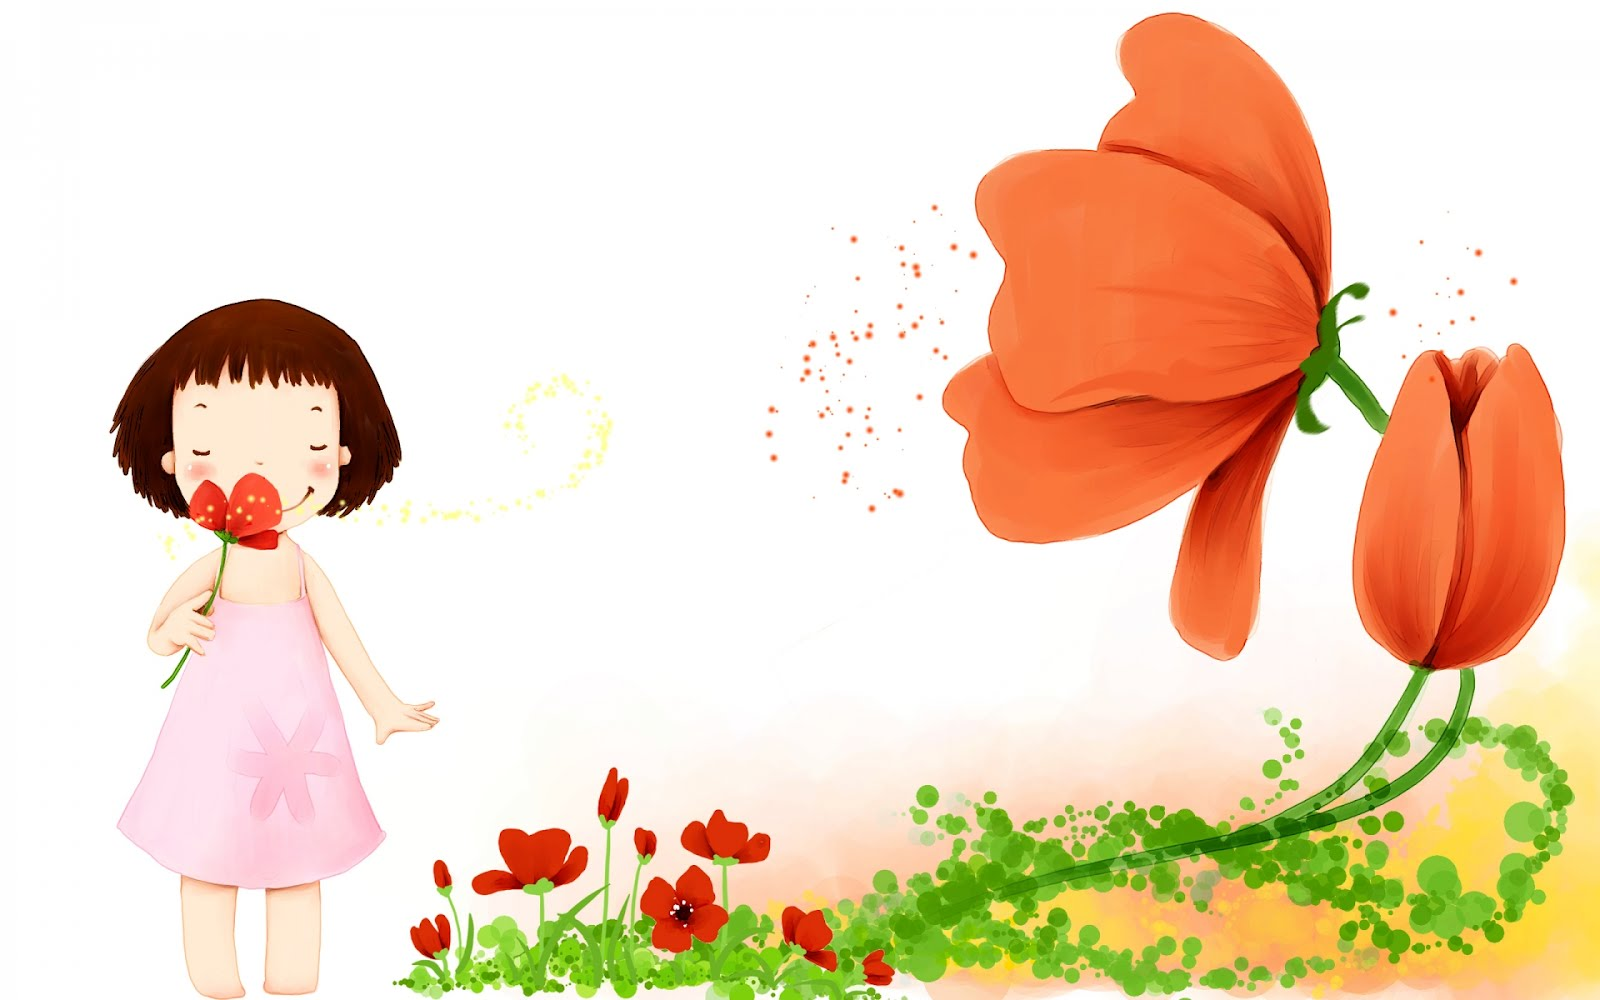 Niña Oliendo Flores - Dibujos A Color